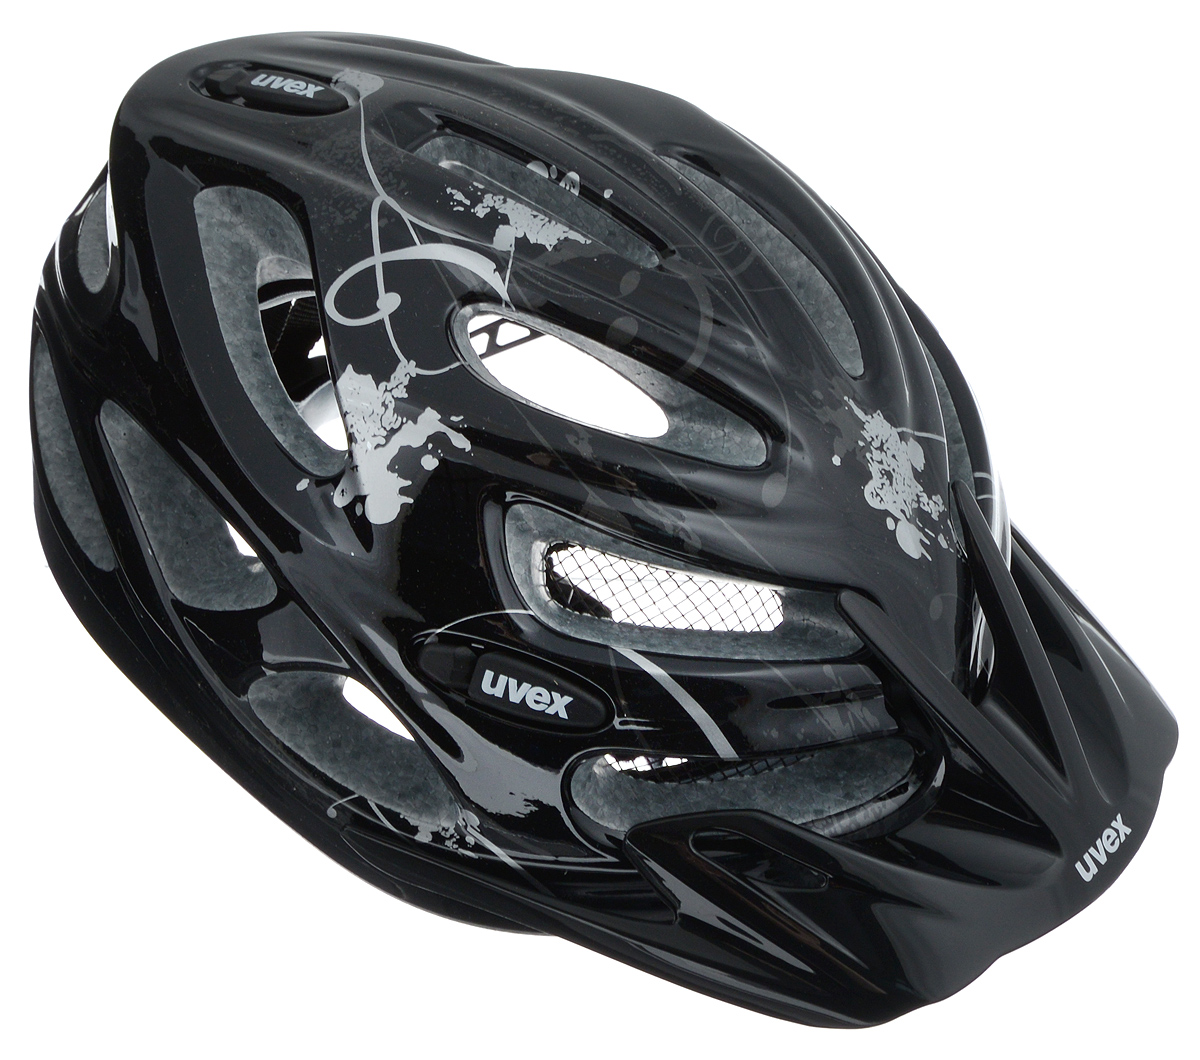 Шлем летний Uvex Onyx, цвет: черный, серебристый. Размер XXS-SRivaCase 7560 blueШлем Uvex Onyx конструкции Inmould предназначен исключительно для езды на велосипеде и катания на роликовых коньках или скейтборде. Шлем снабжен универсальным внутренним настроечным кольцом, застежками на липучках, регулируемыми текстильными ремешками и вентиляционными отверстиями. Увеличенное количество вентиляционных отверстий гарантирует отличную циркуляцию воздуха на разных скоростях движения при сохранении жесткости. Подстежка изготовлена из пенополистирола. Ее роль заключается в рассеивании энергии при ударе, что защищает голову. Верхняя часть шлема, выполненная из прочного пластика, препятствует разрушению изделия, защищает шлем от прокола и позволять ему скользить при ударах. Способность шлема скользить по поверхности является важной его характеристикой, так как при падении движение уменьшается не сразу, а постепенно, снижая тем самым нагрузку на голову и шею. Надежный шлем с ярким дизайном обеспечит высокую степень защиты вашего ребенка. А 17 вентиляционных отверстий сделают катание максимально комфортным.